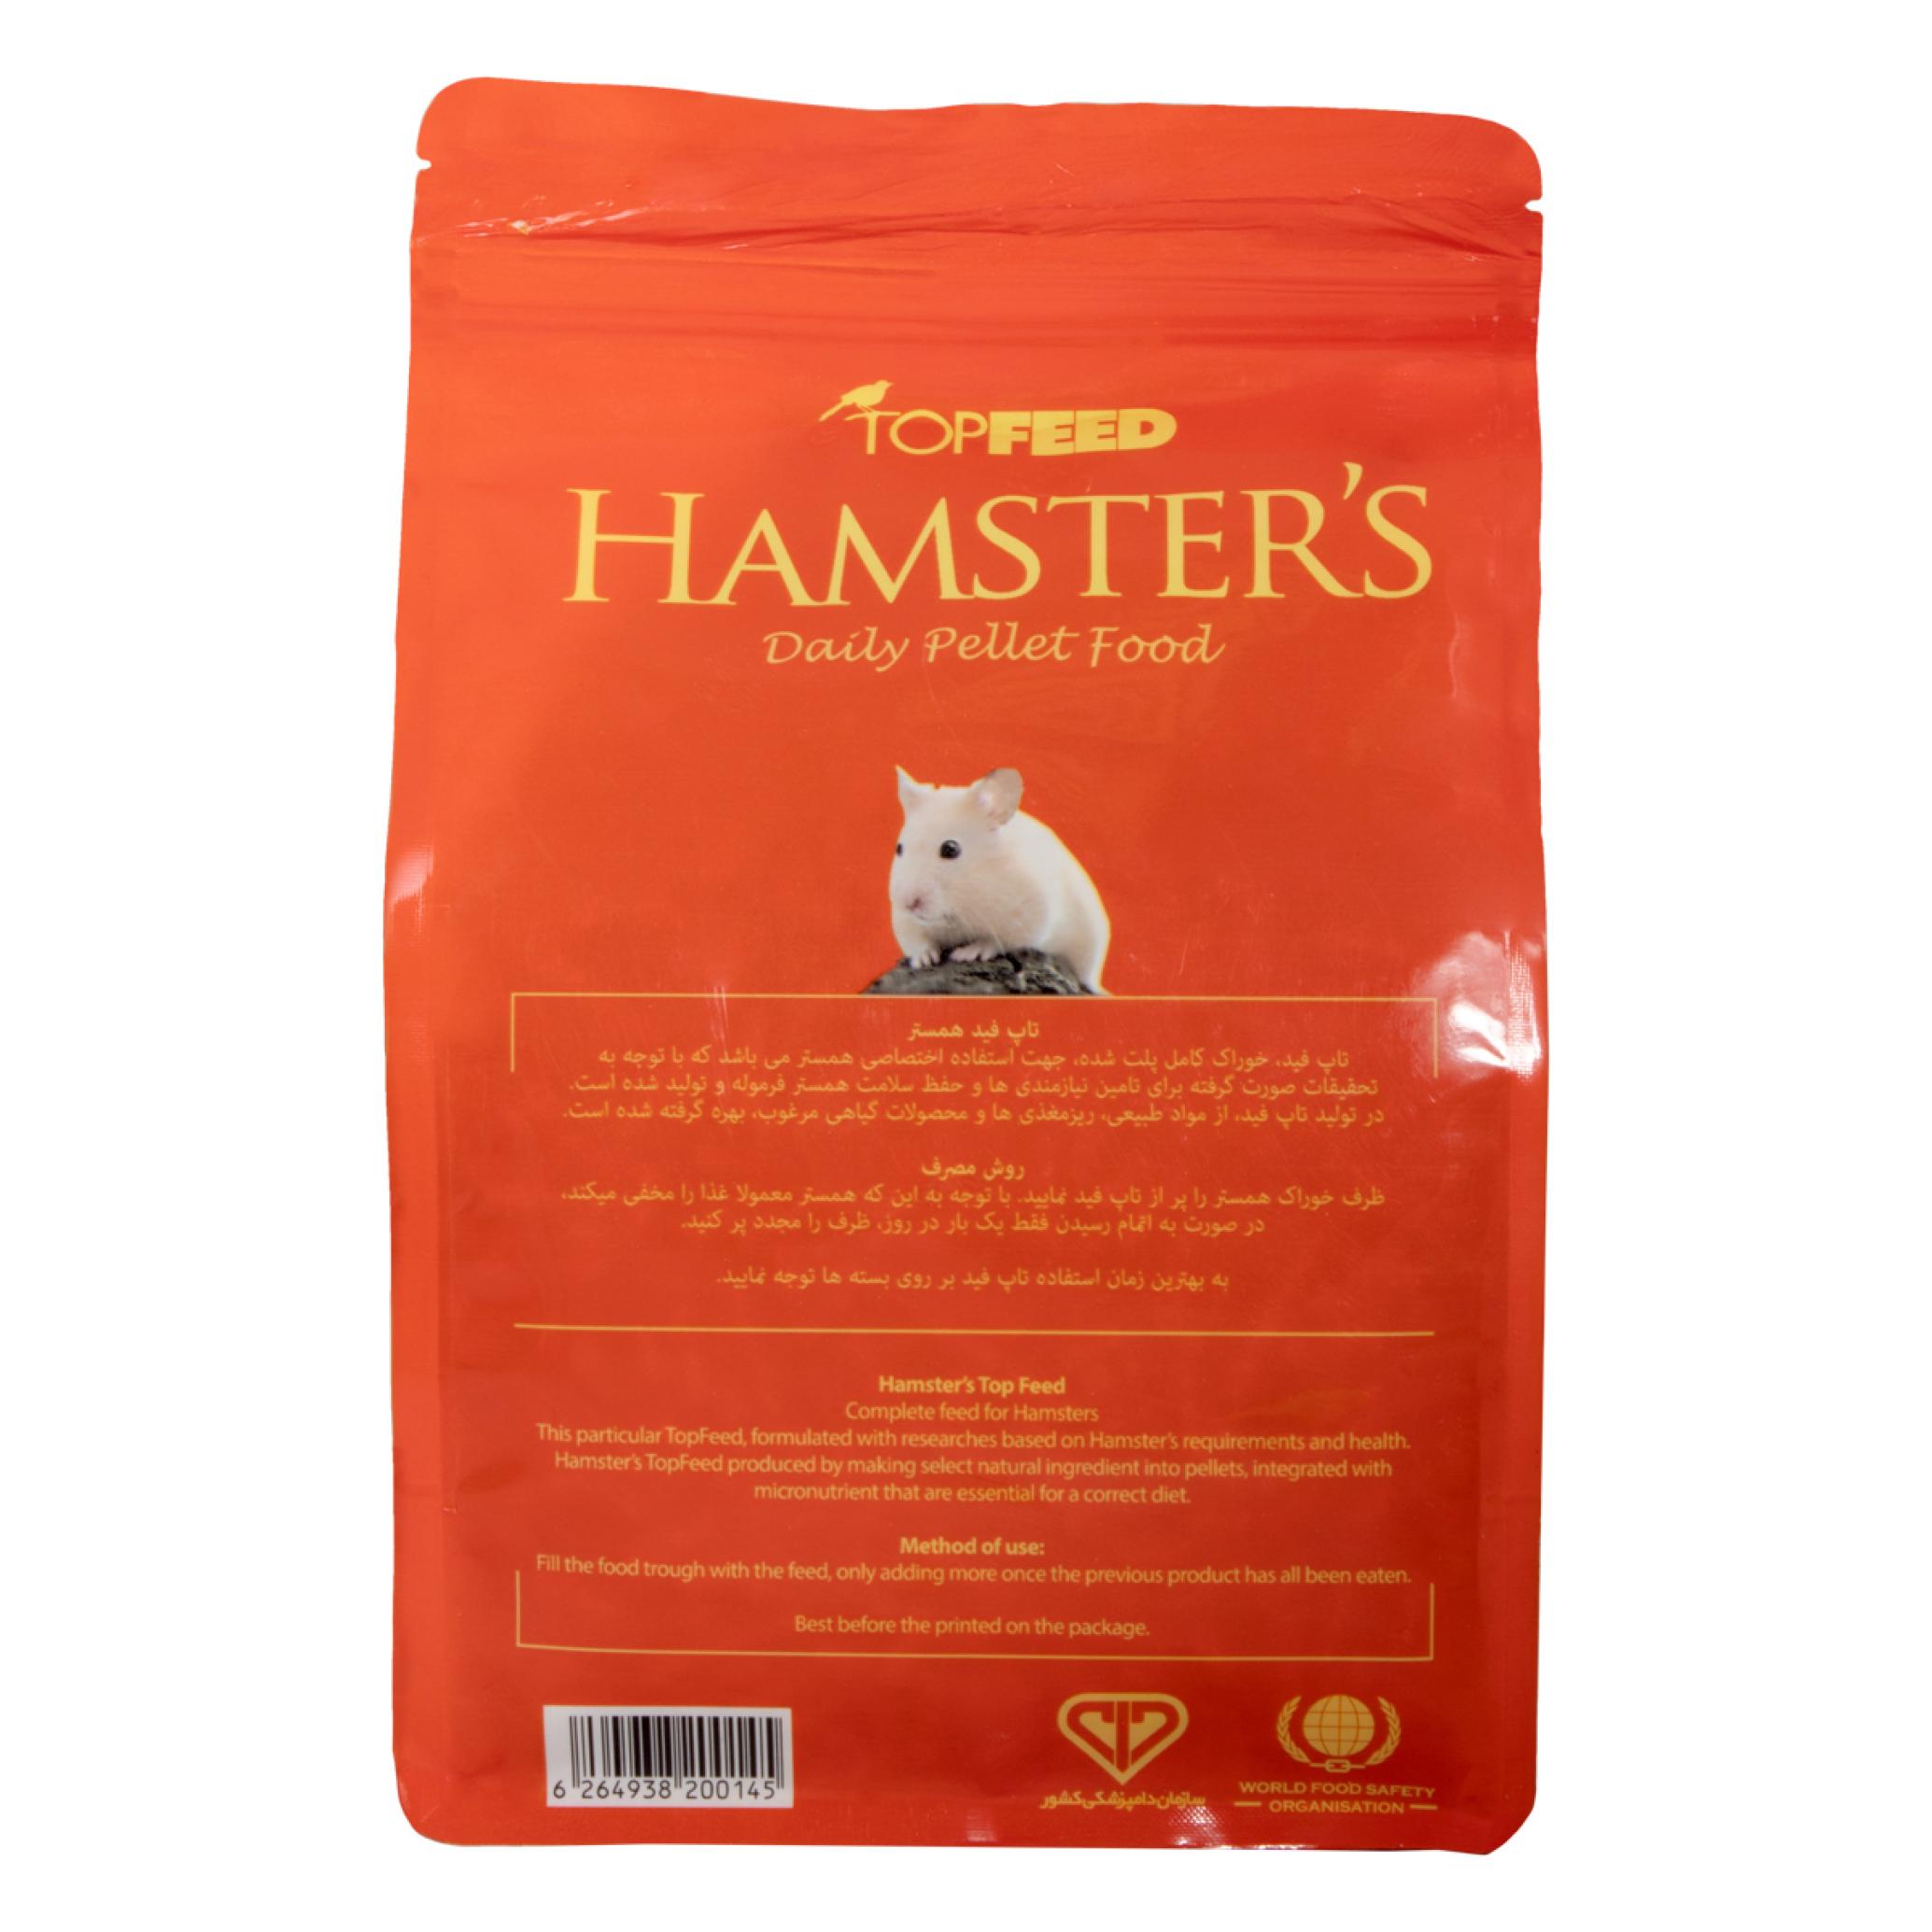 عکس پشت بسته بندی غذای خشک همستر تاپ فید مدل Hamster Daily PelletFood وزن 1 کیلوگرم